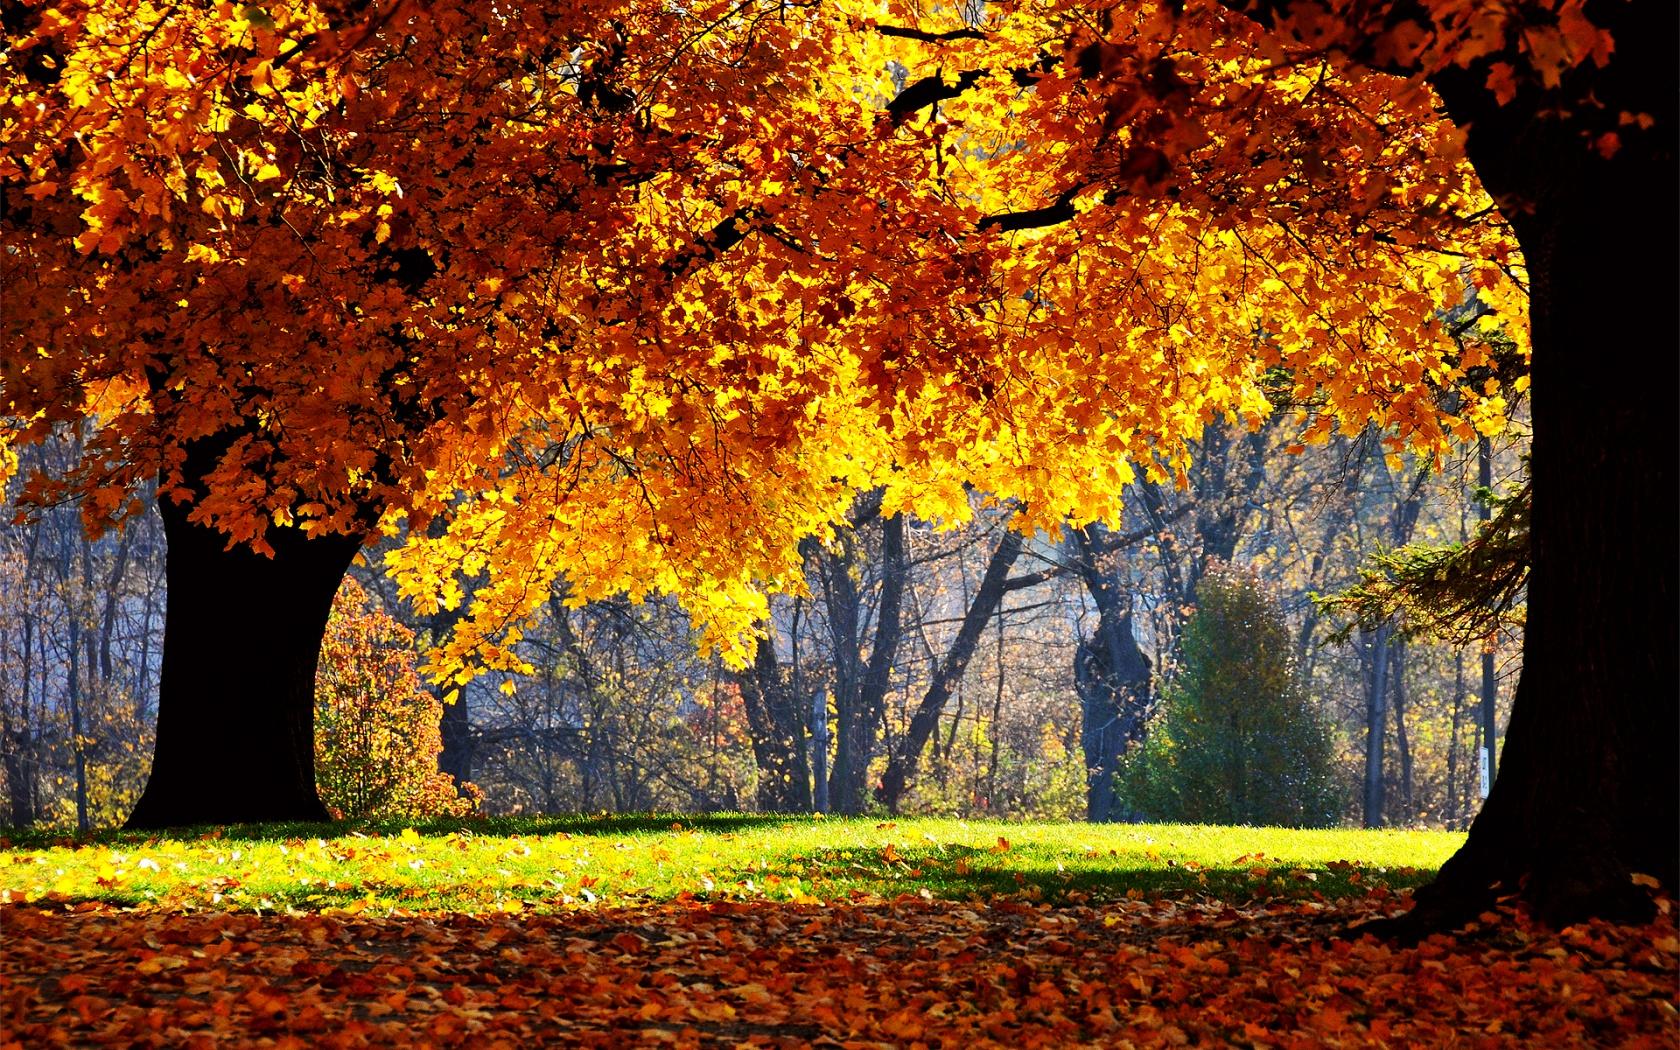 Fall backdrop clipart tree hd.